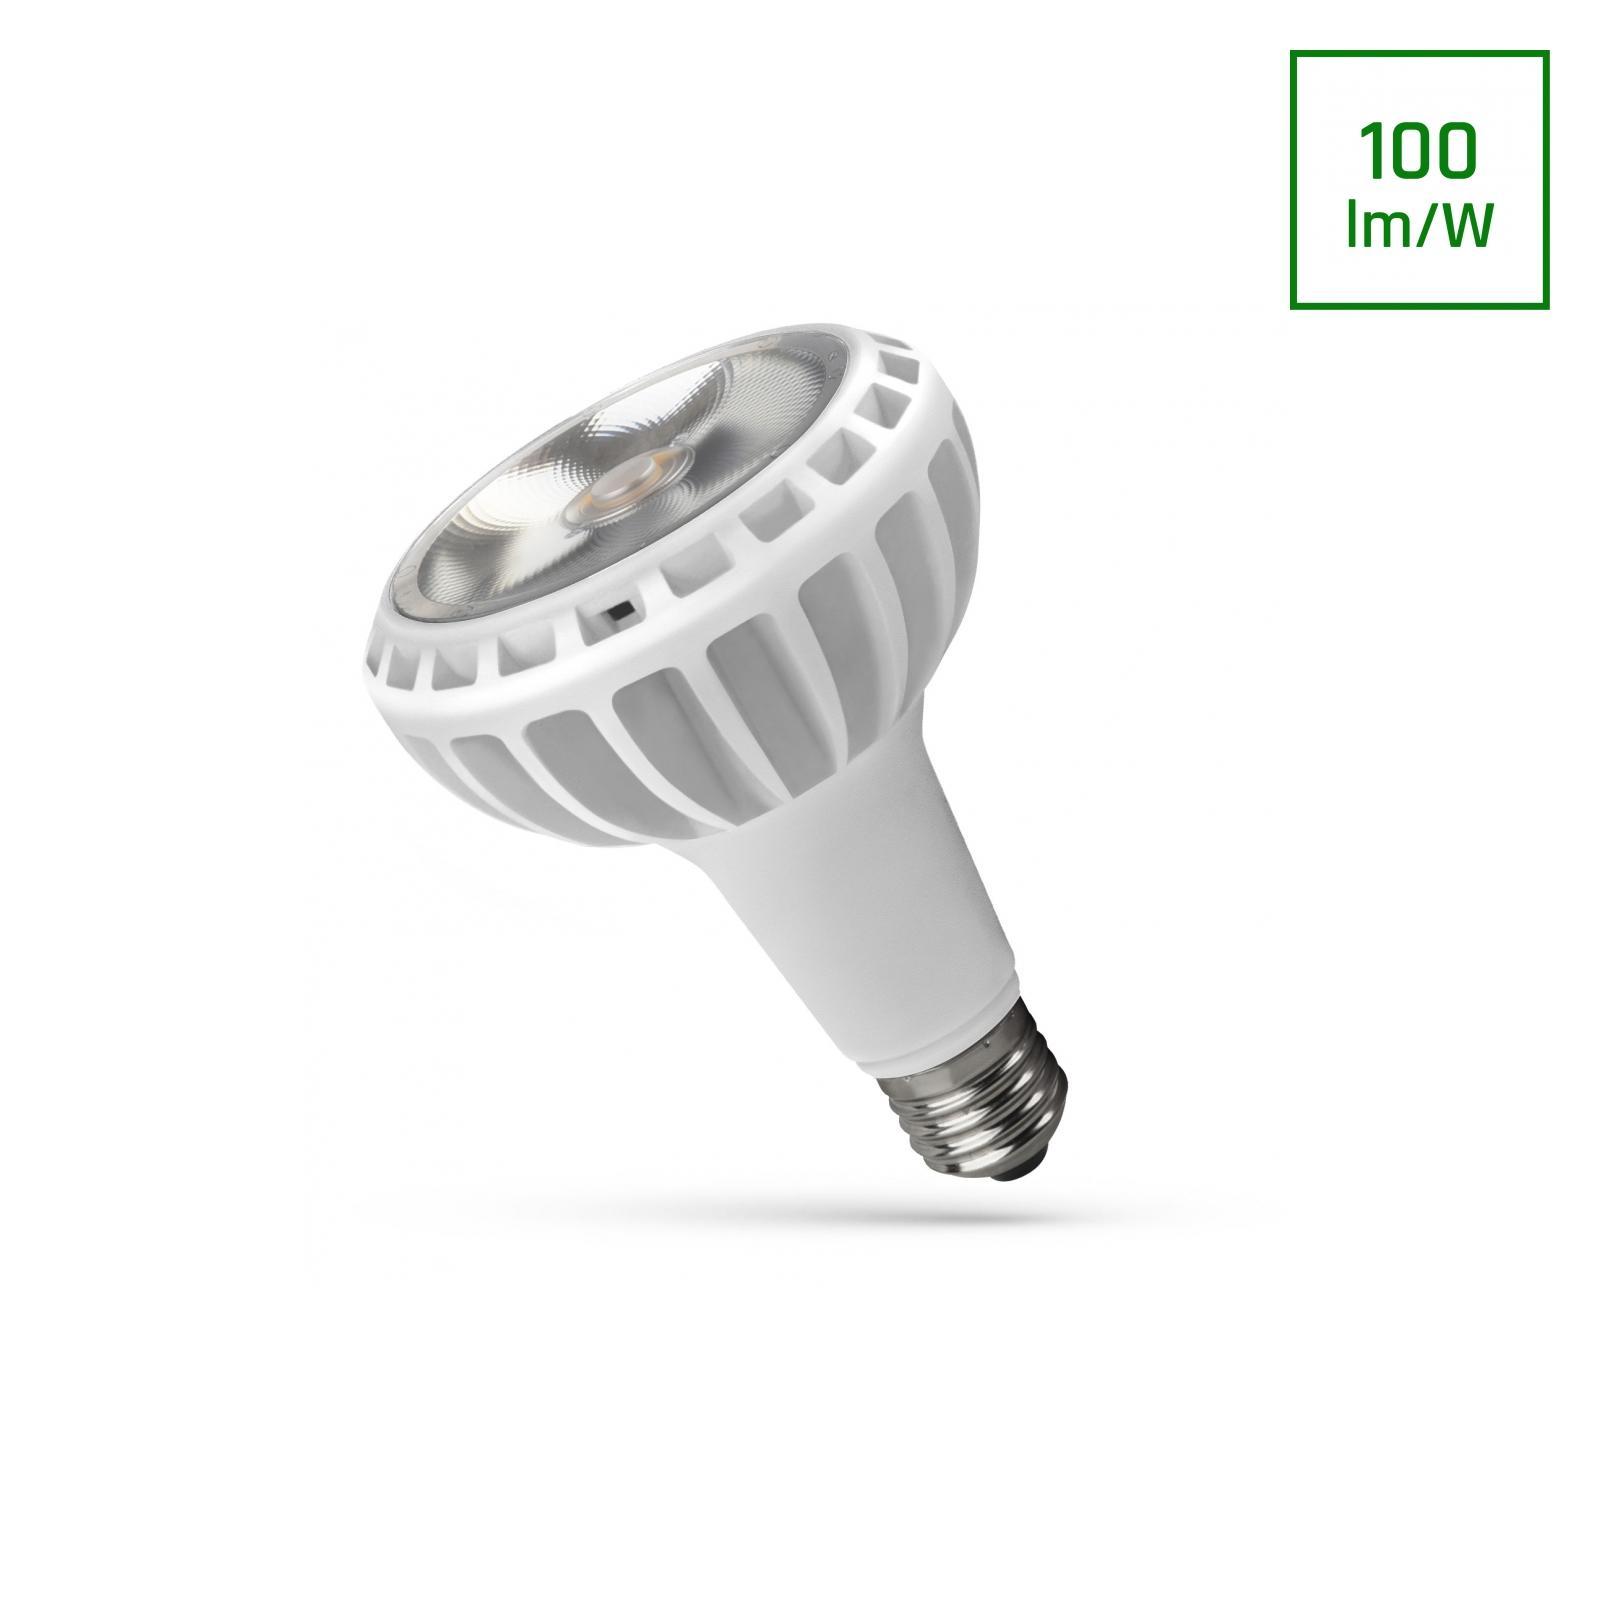 LED PAR30 E27 230V 20W COB 24ST Teplá bílá Bílá SPECTRUM